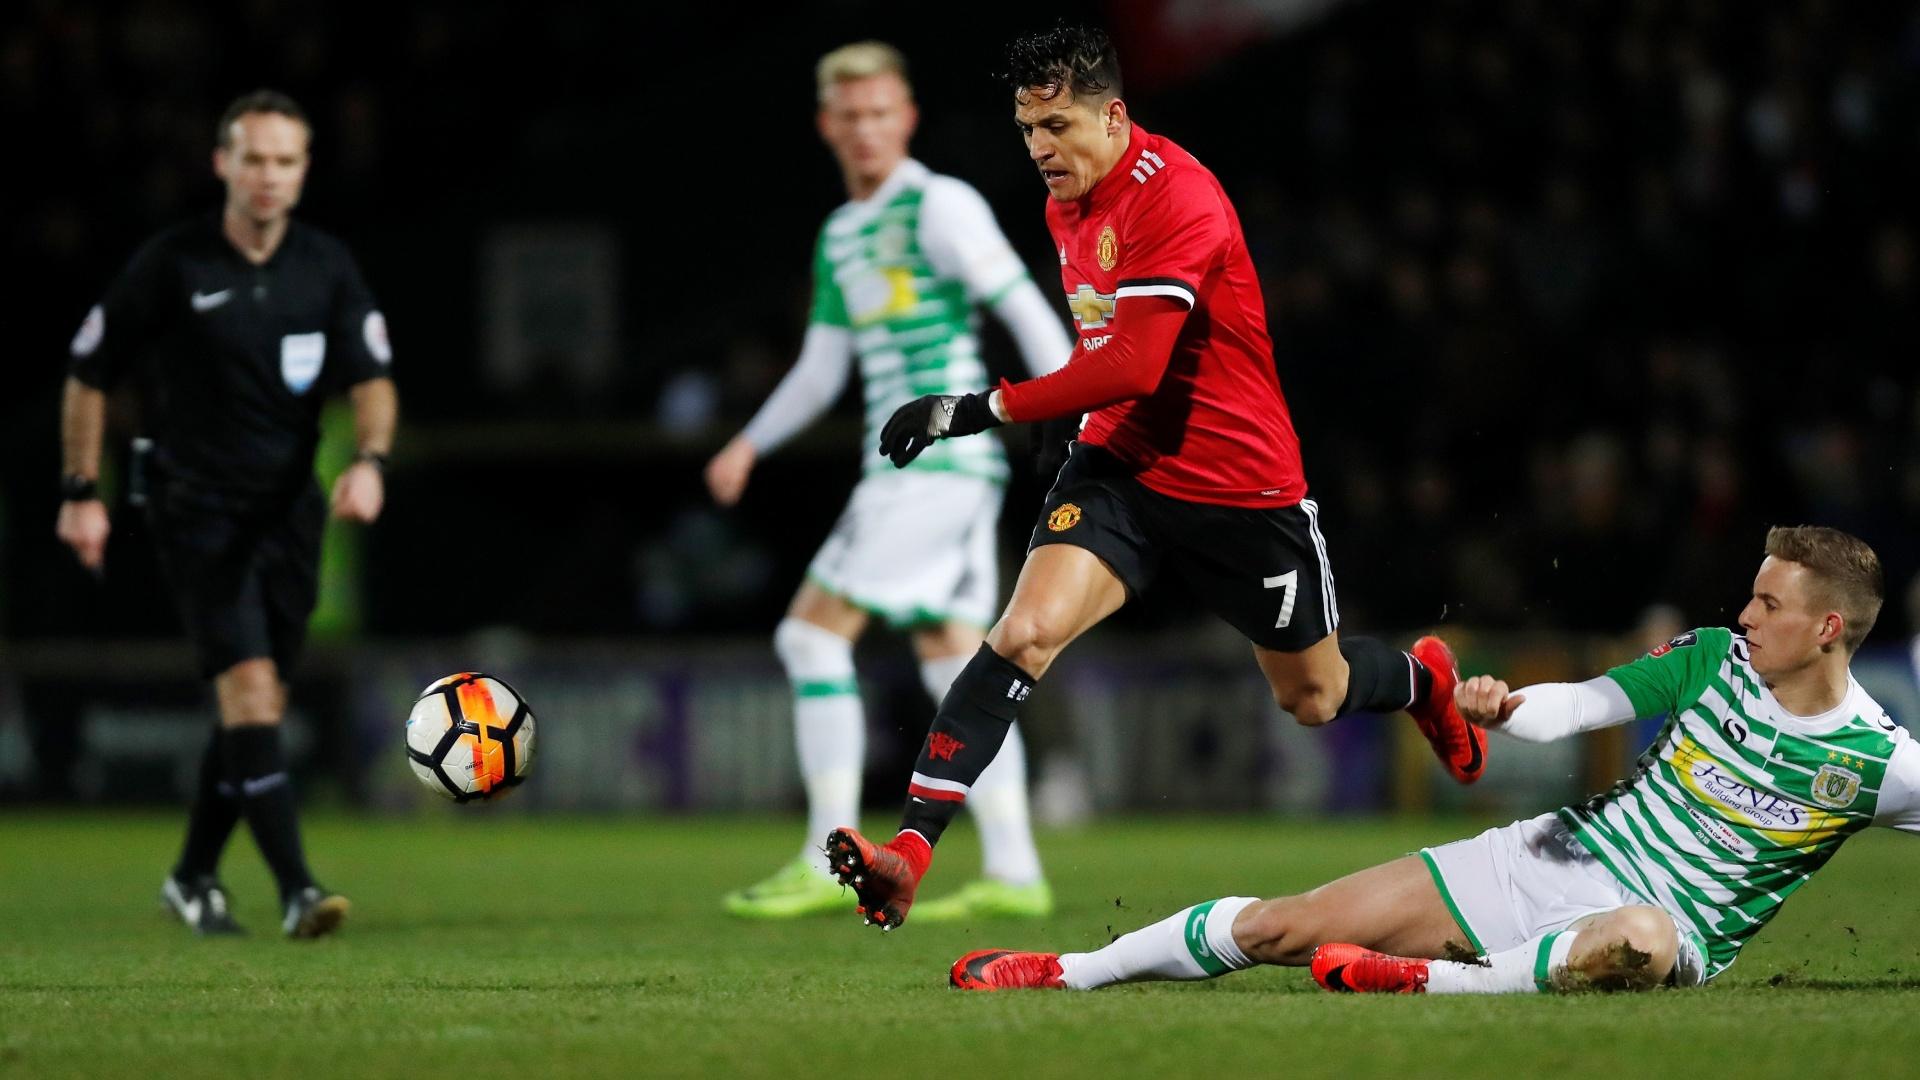 Alexis Sanchez passa por marcador do Yeovil Town em sua estreia pelo Manchester United